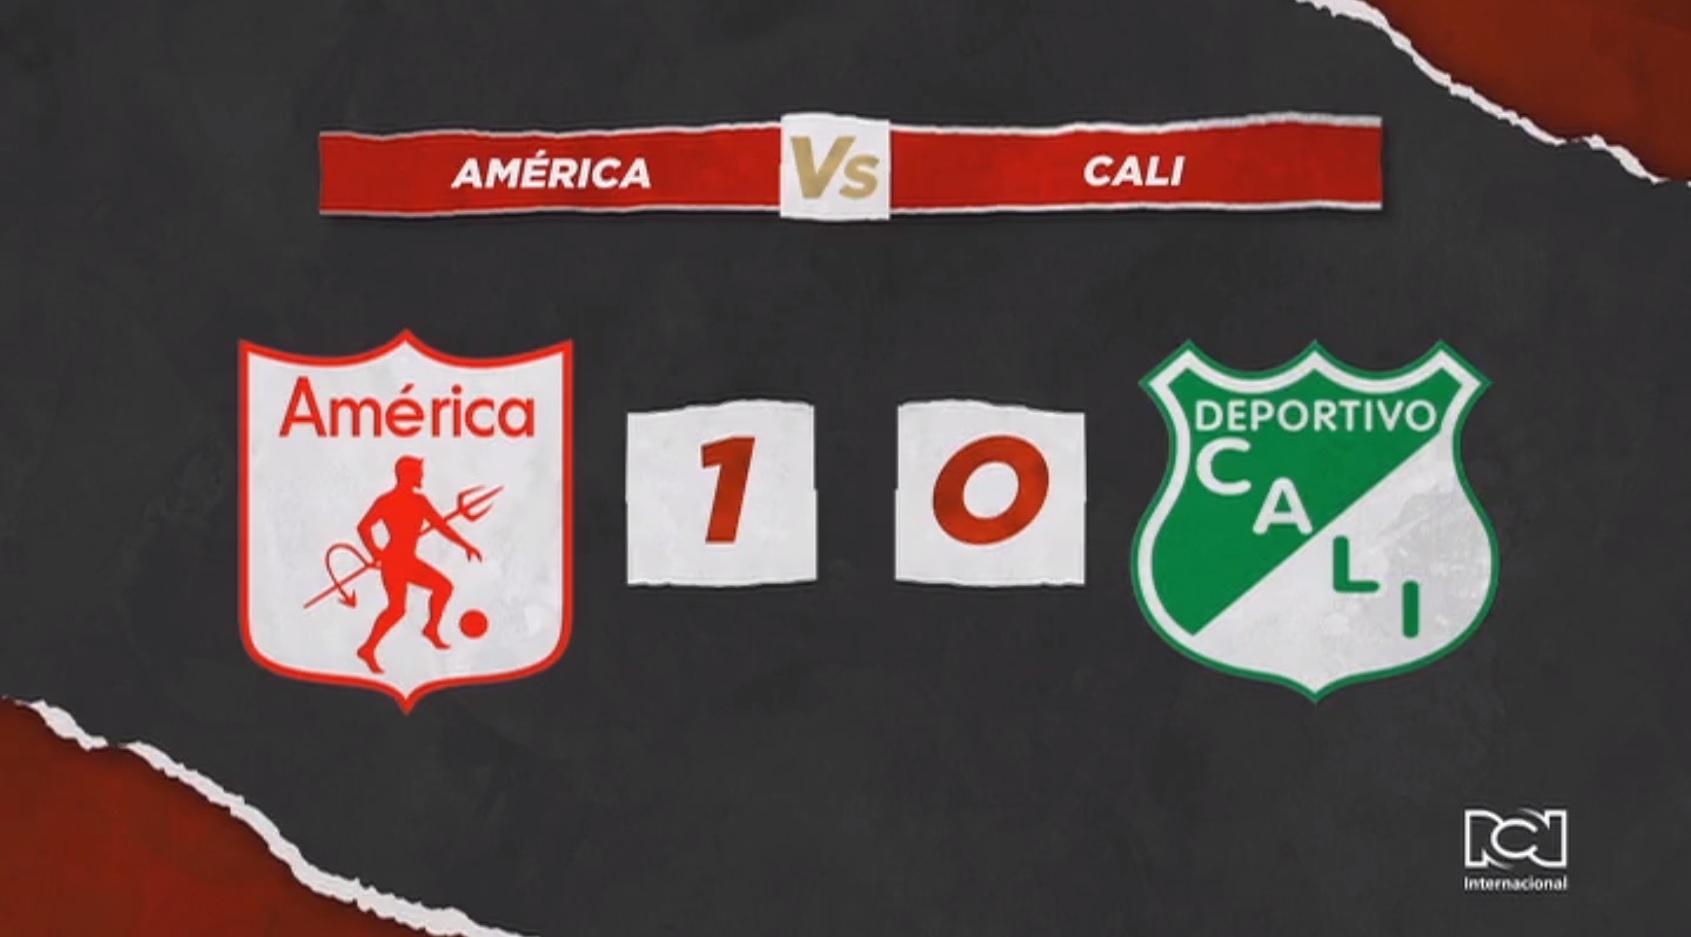 América derrotó por la mínima diferencia al Deportivo Cali